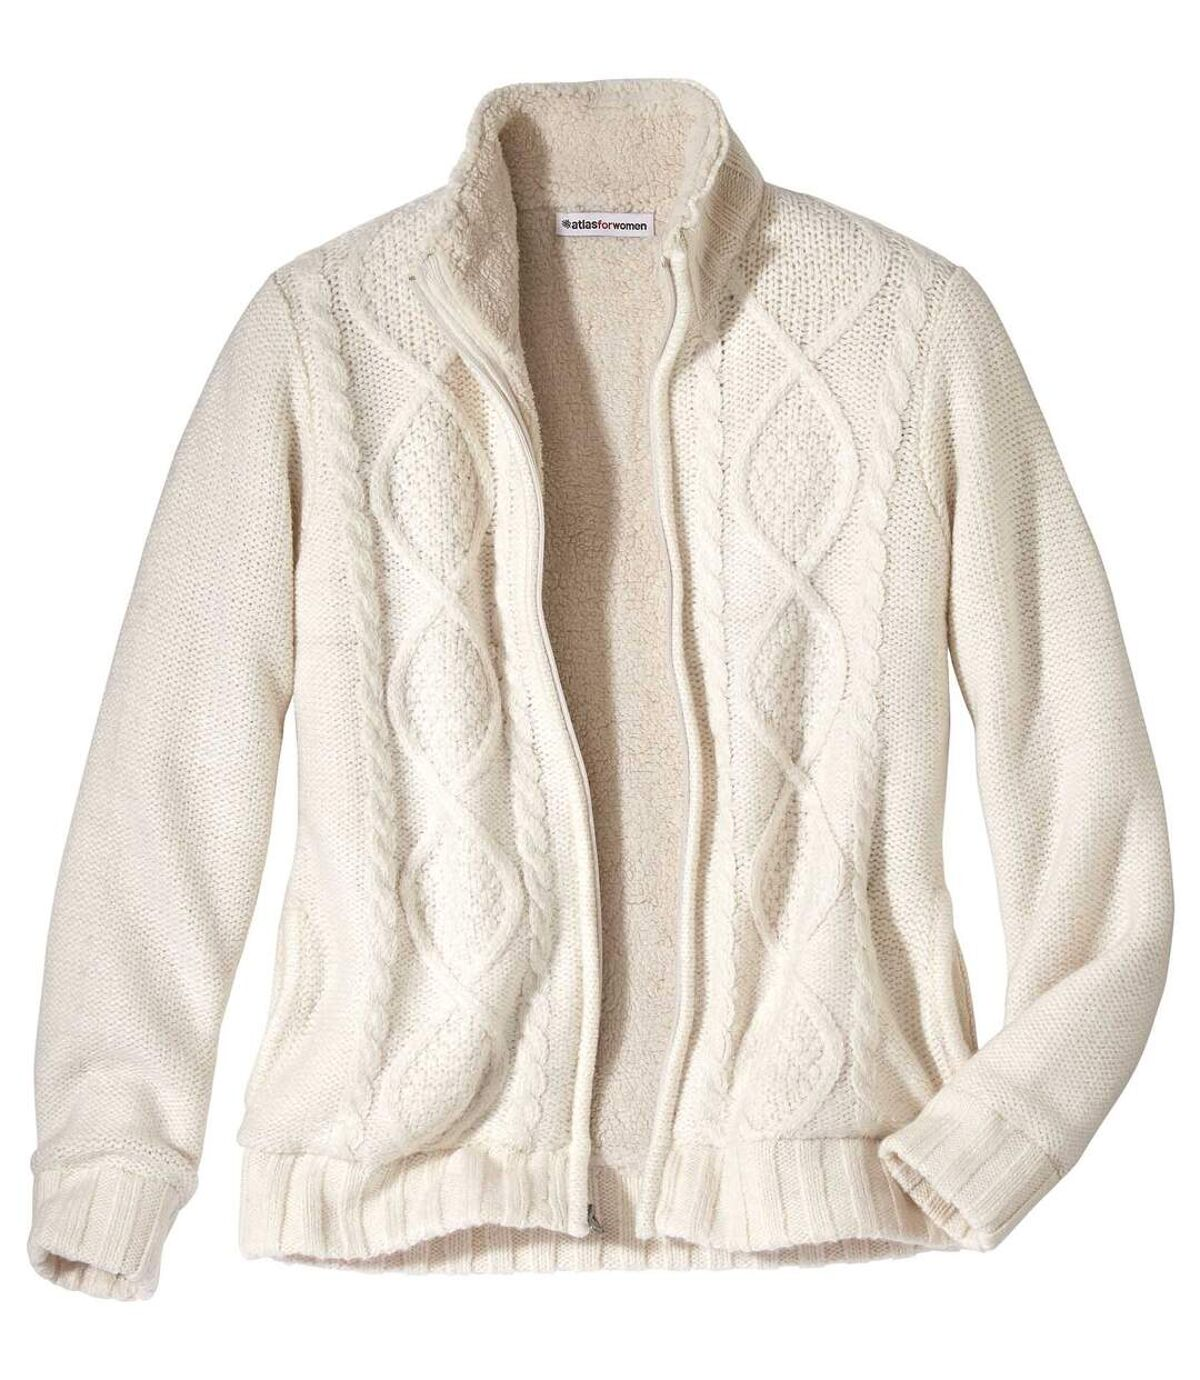 Pletená bunda scopánkovým vzorem zateplená umělým beránkem  Atlas For Men